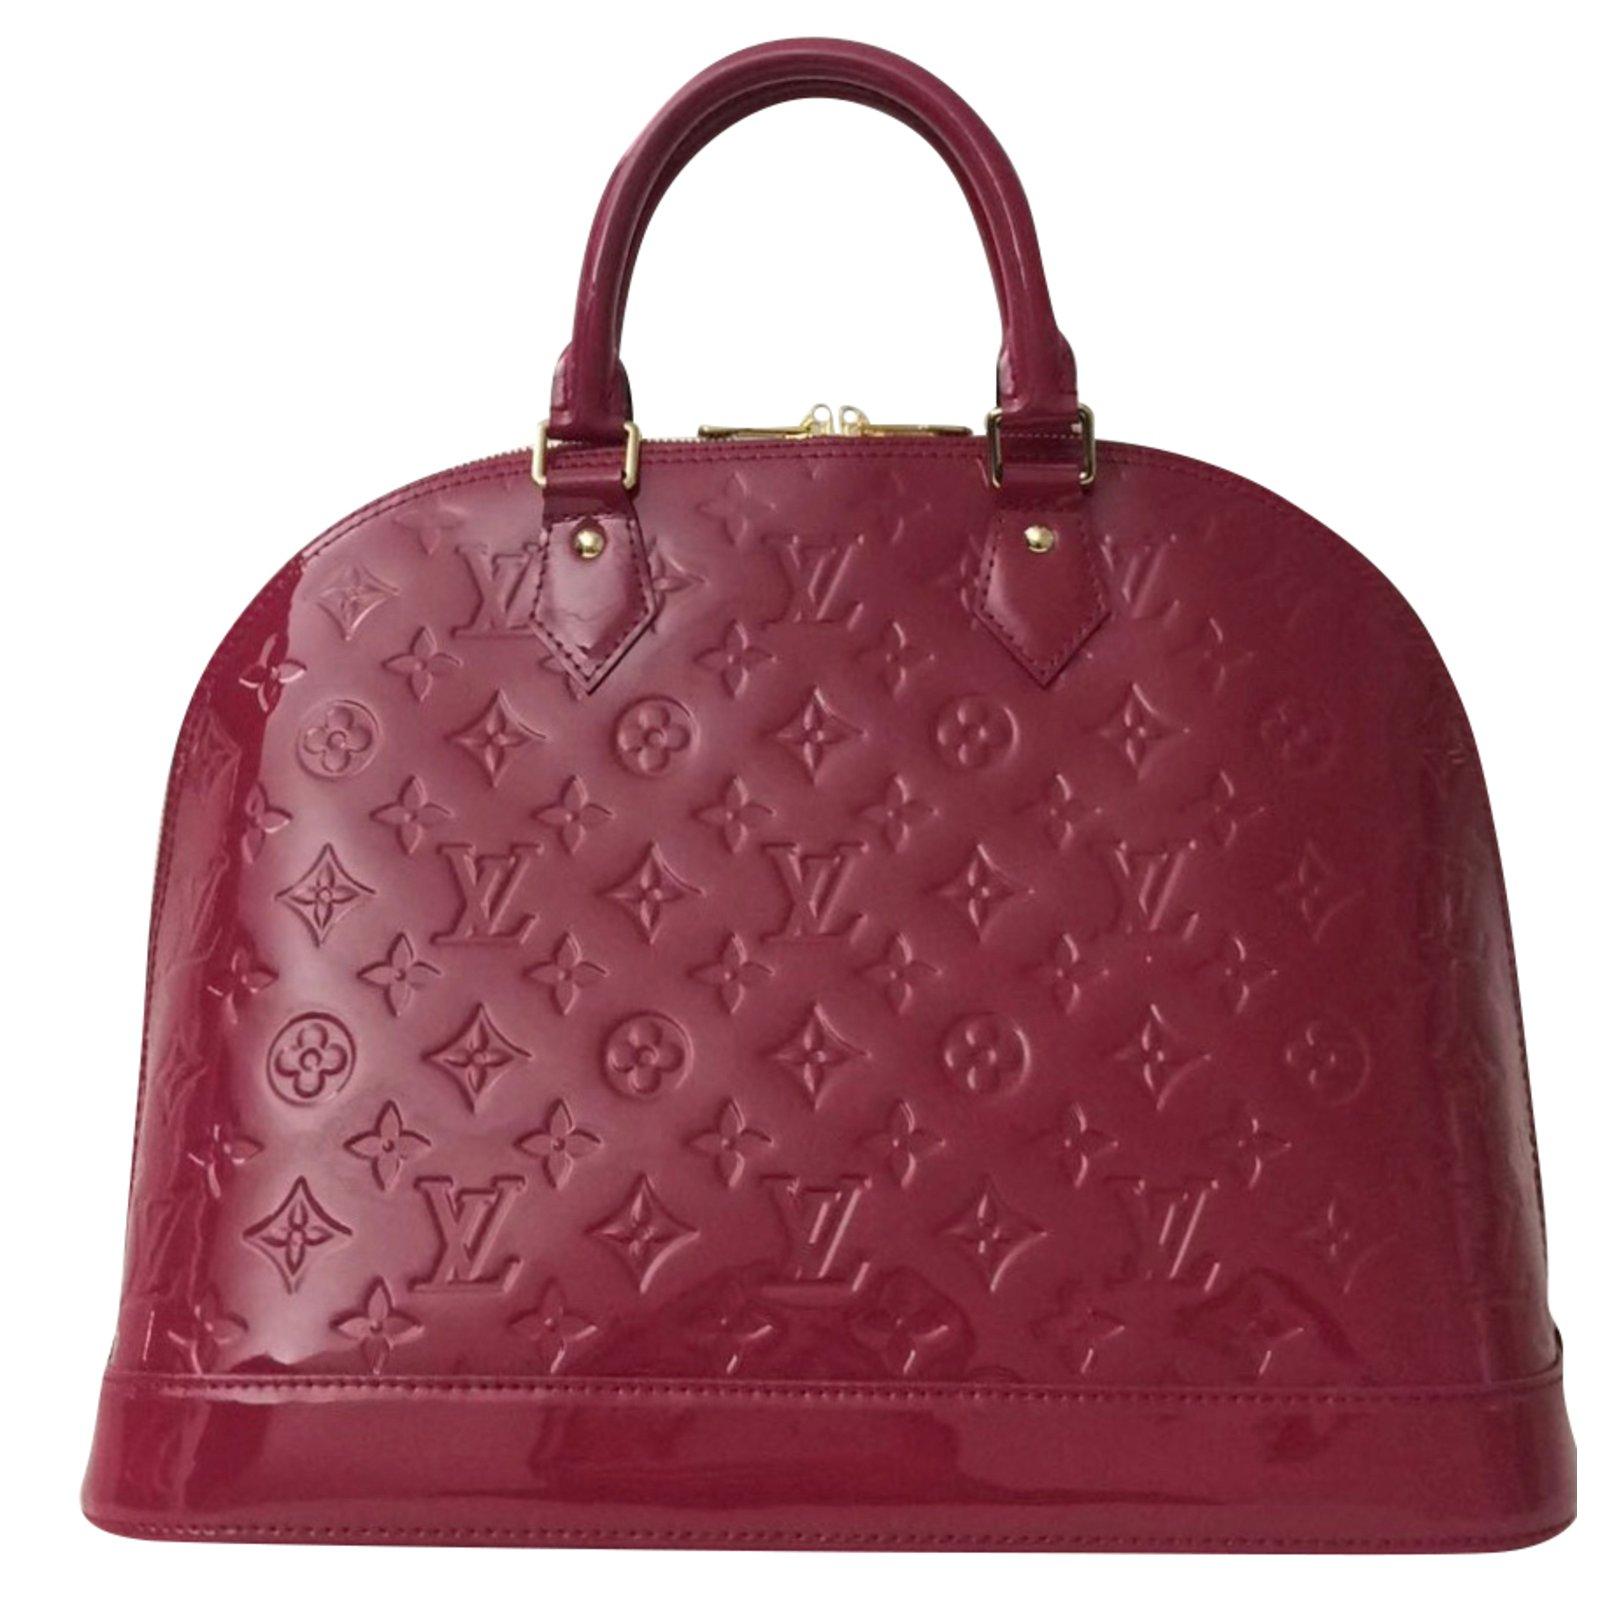 Sacs à main Louis Vuitton Sublime Sac Louis Vuitton Alma MM en cuir vernis  rose indien 165f0b4a8d93